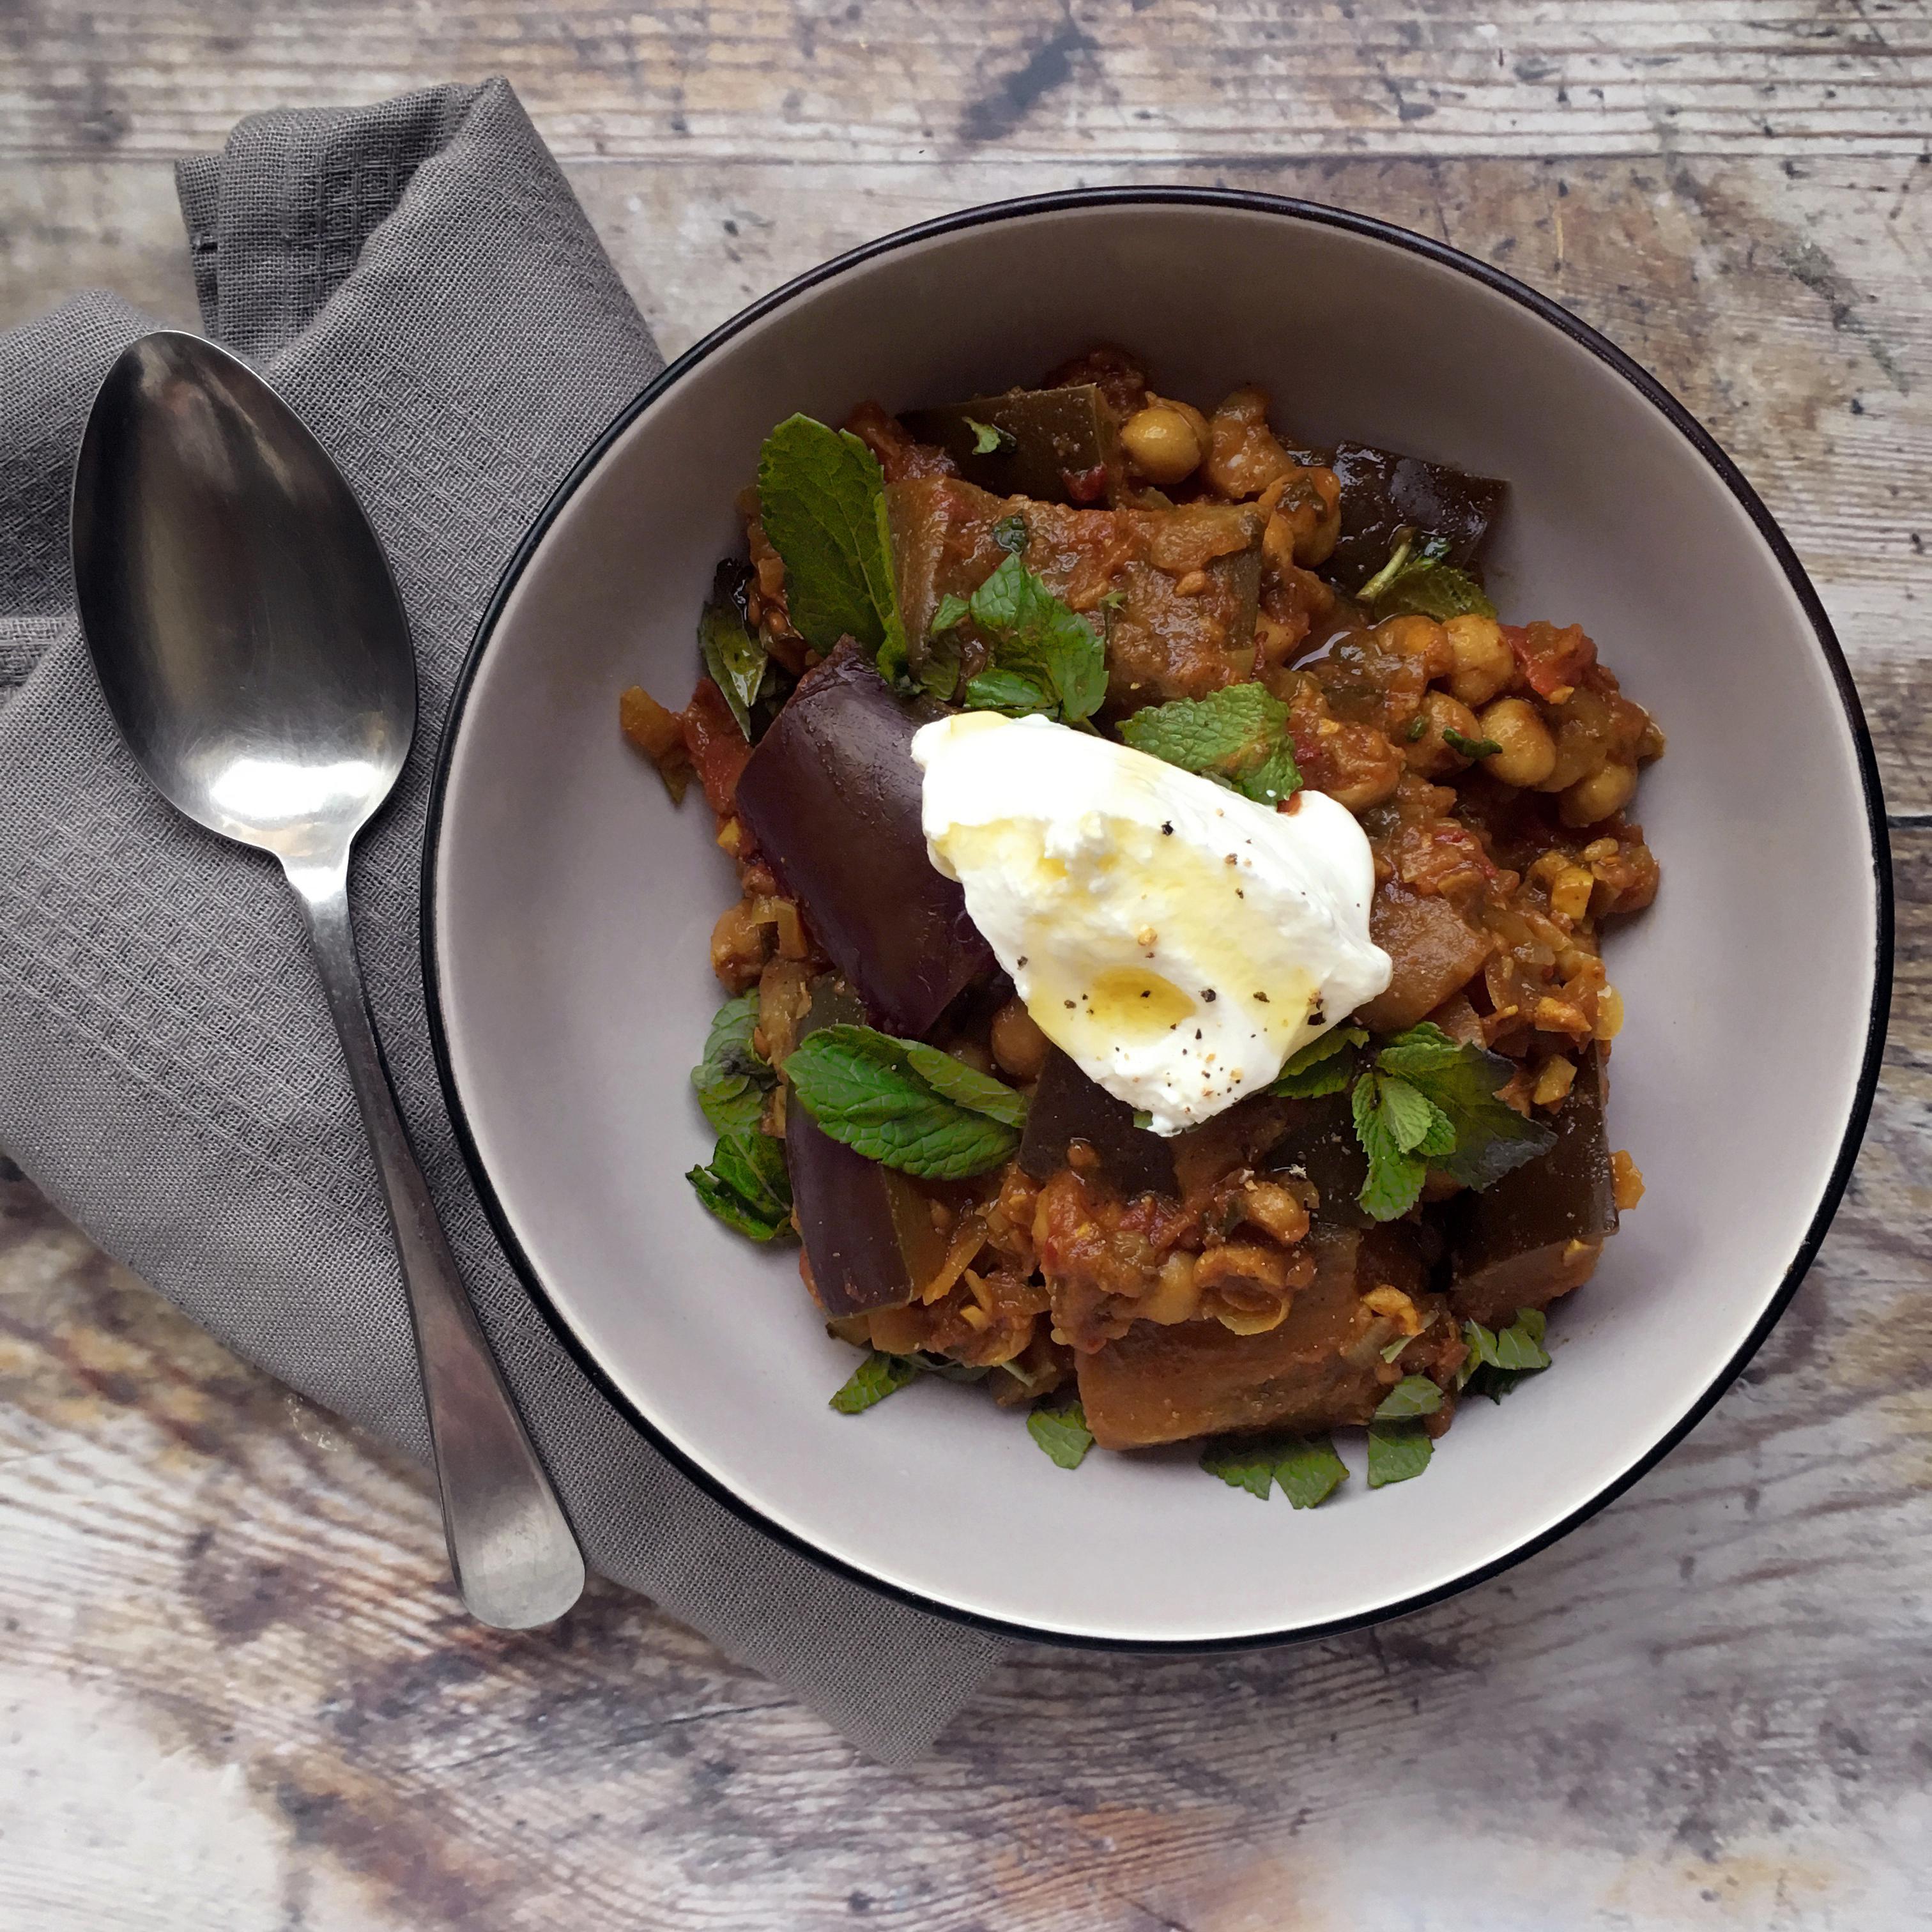 Aubergine & Chickpea Stew